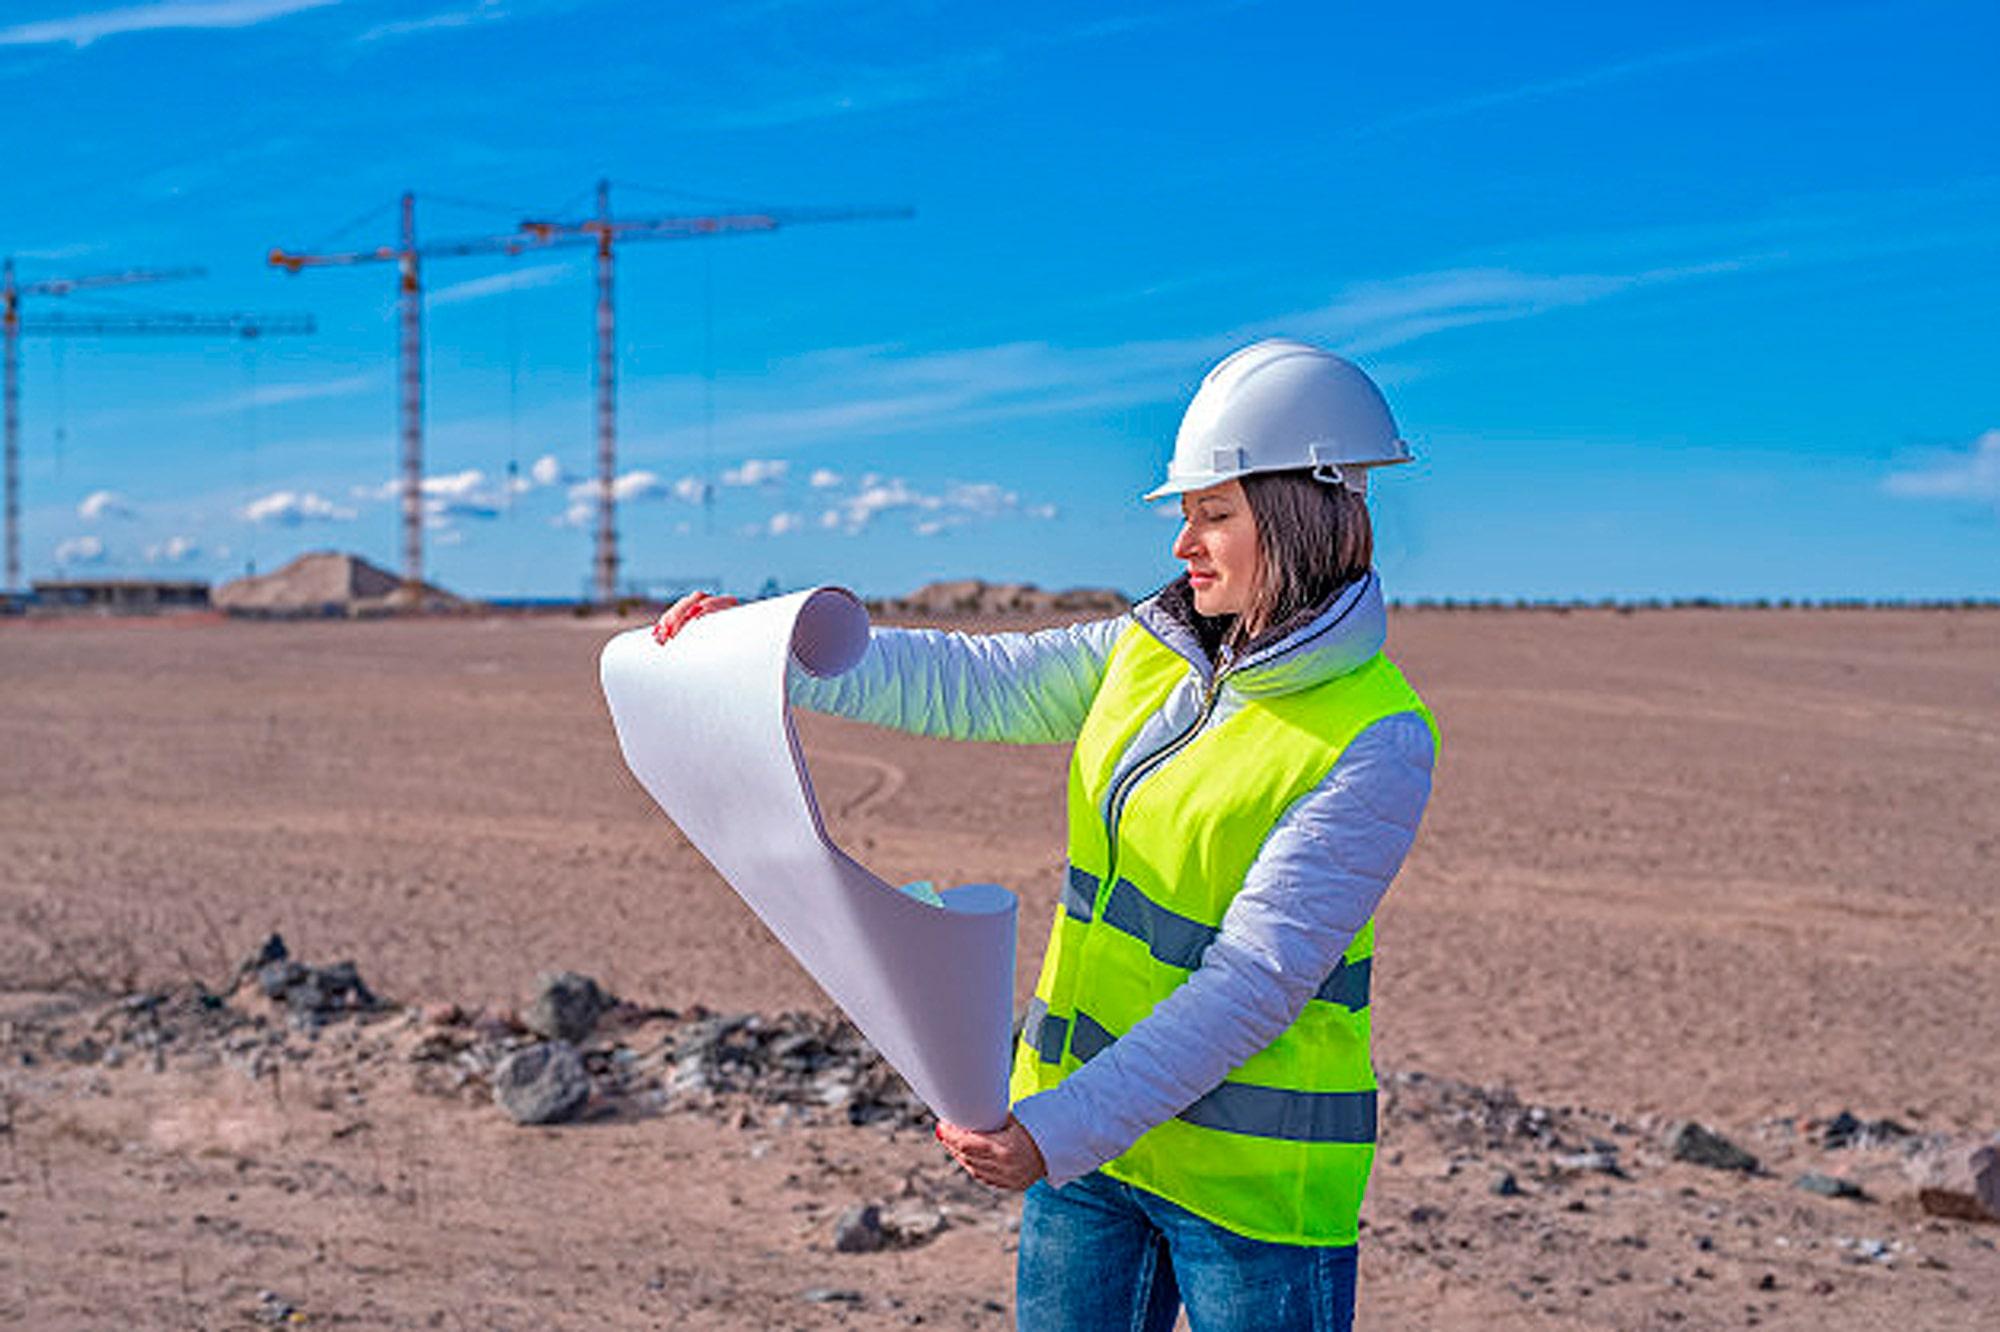 Até março, havia quase 180 mil mulheres graduadas em engenharia civil com registro no sistema Confea/Crea Crédito: freepik